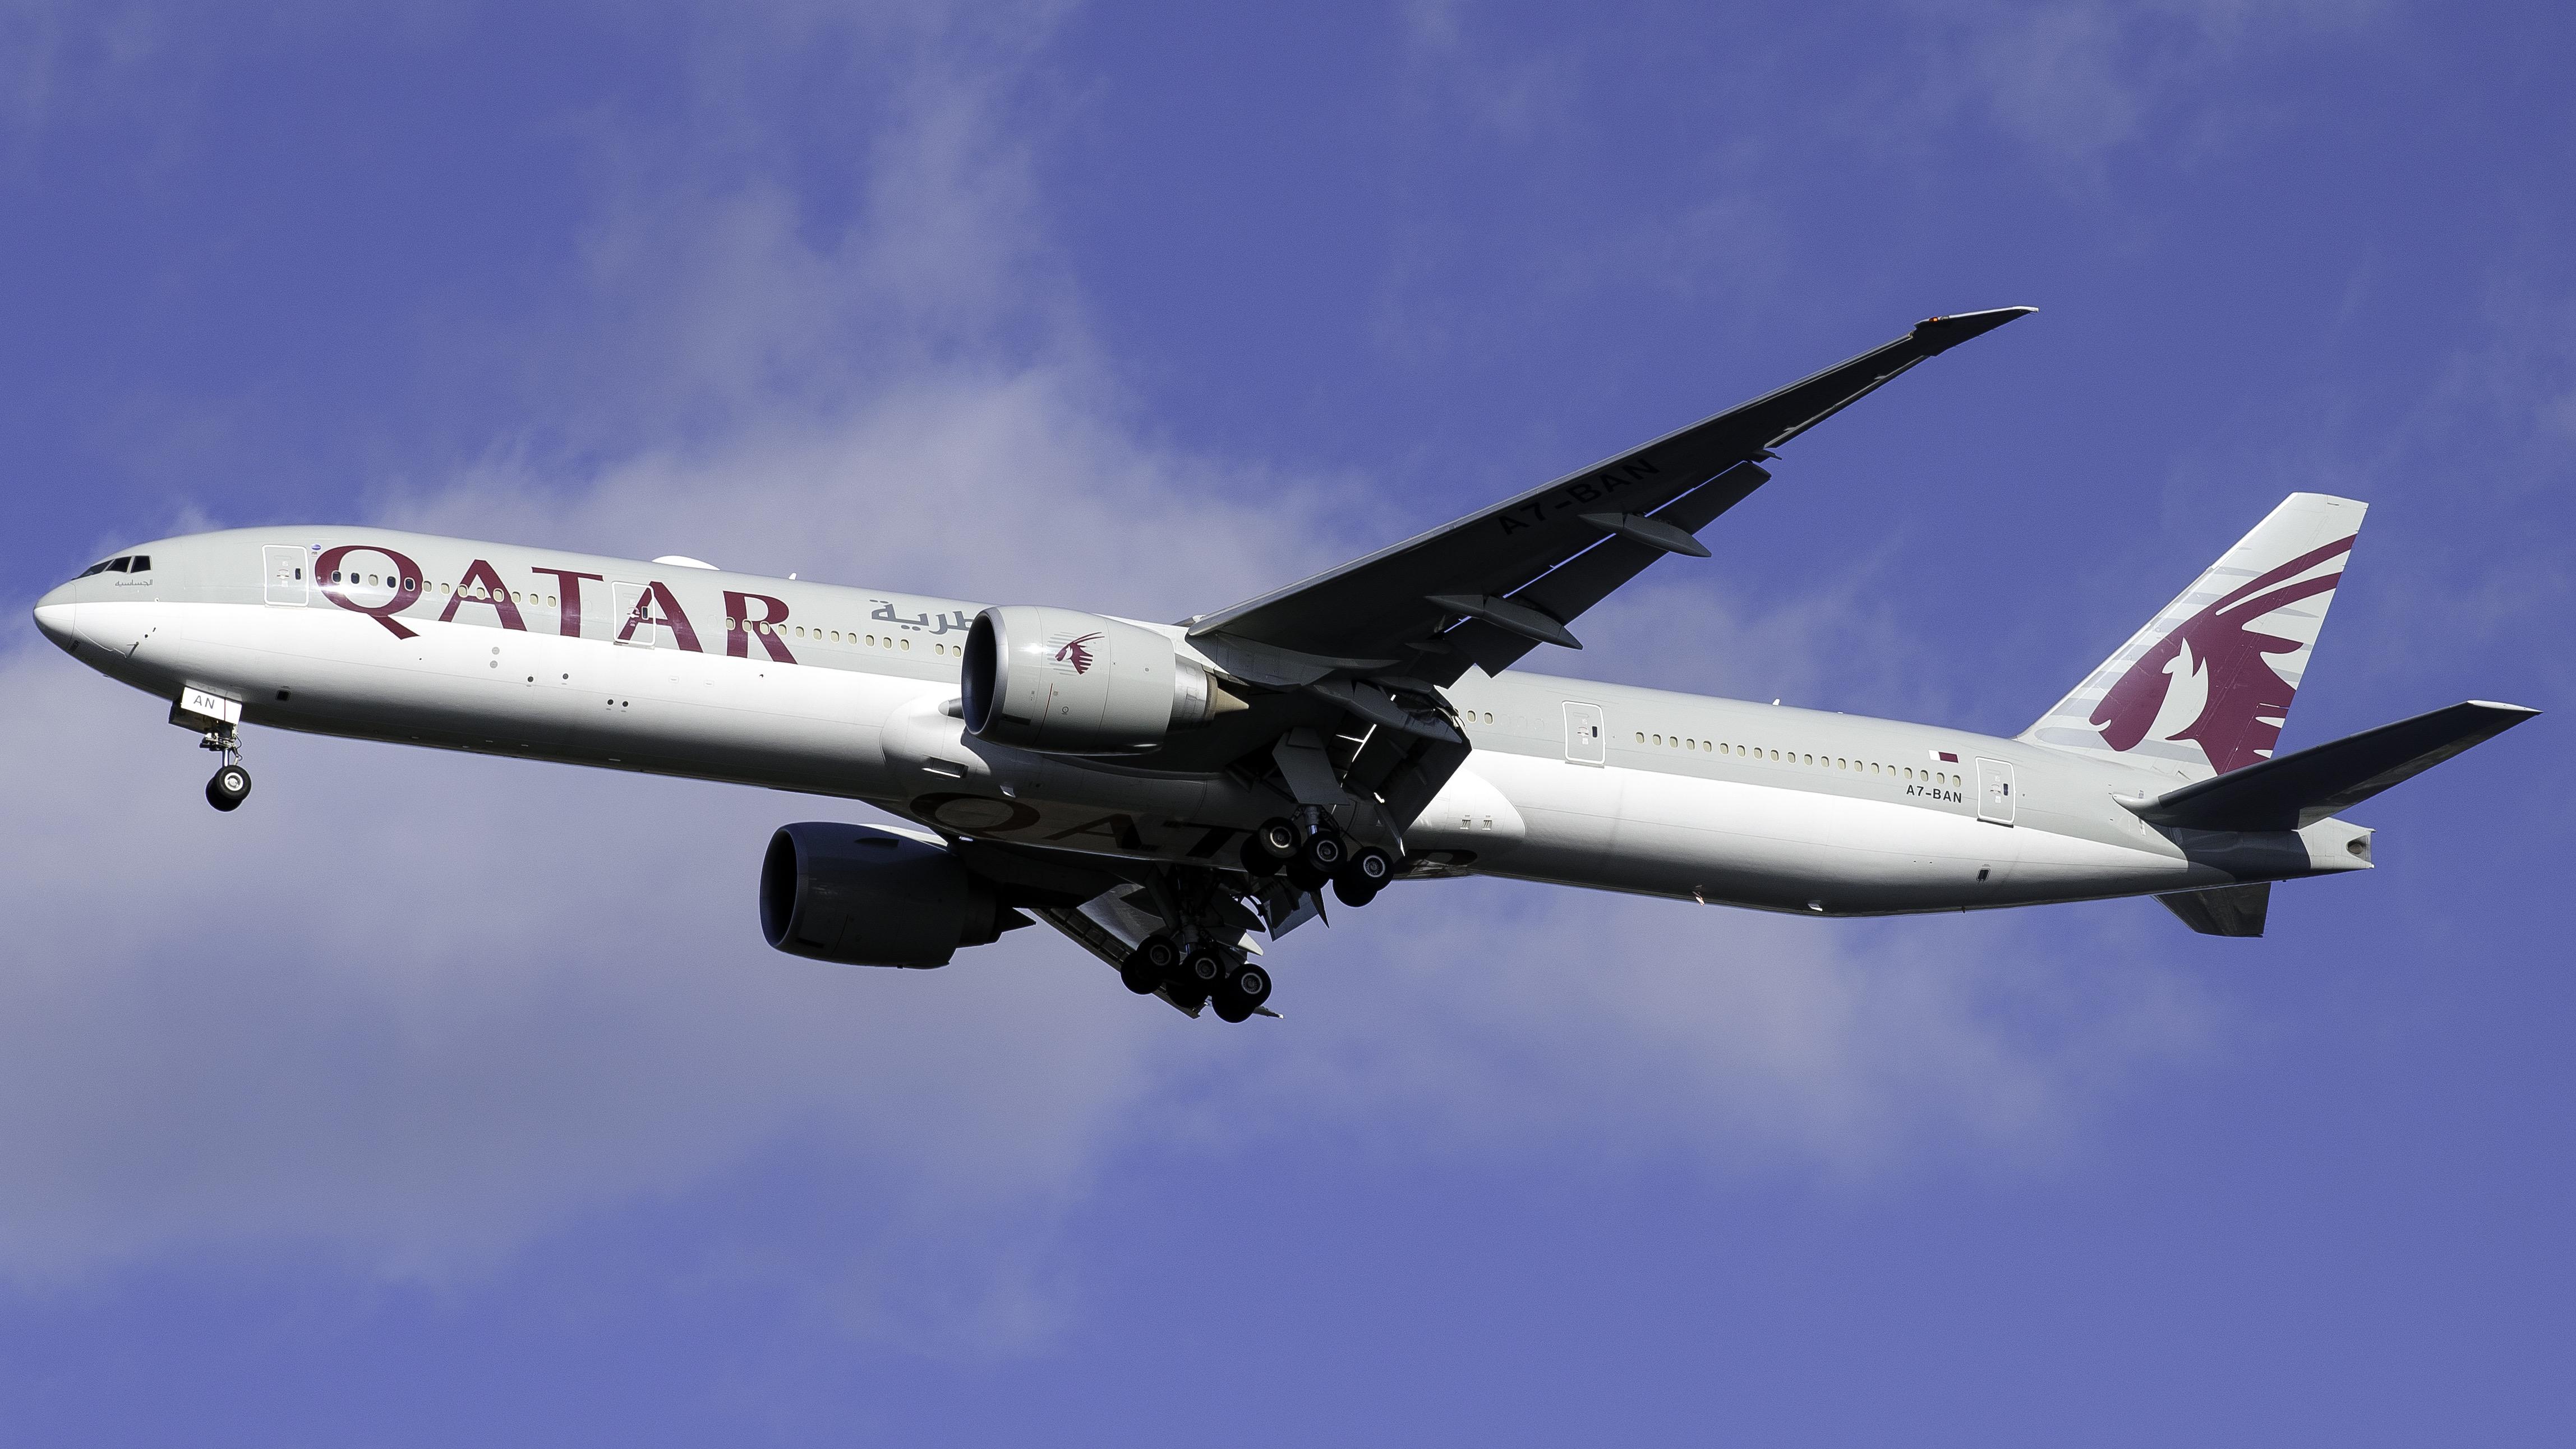 Photo of A7-BAN - Qatar Airways Boeing 777-300ER at JFK